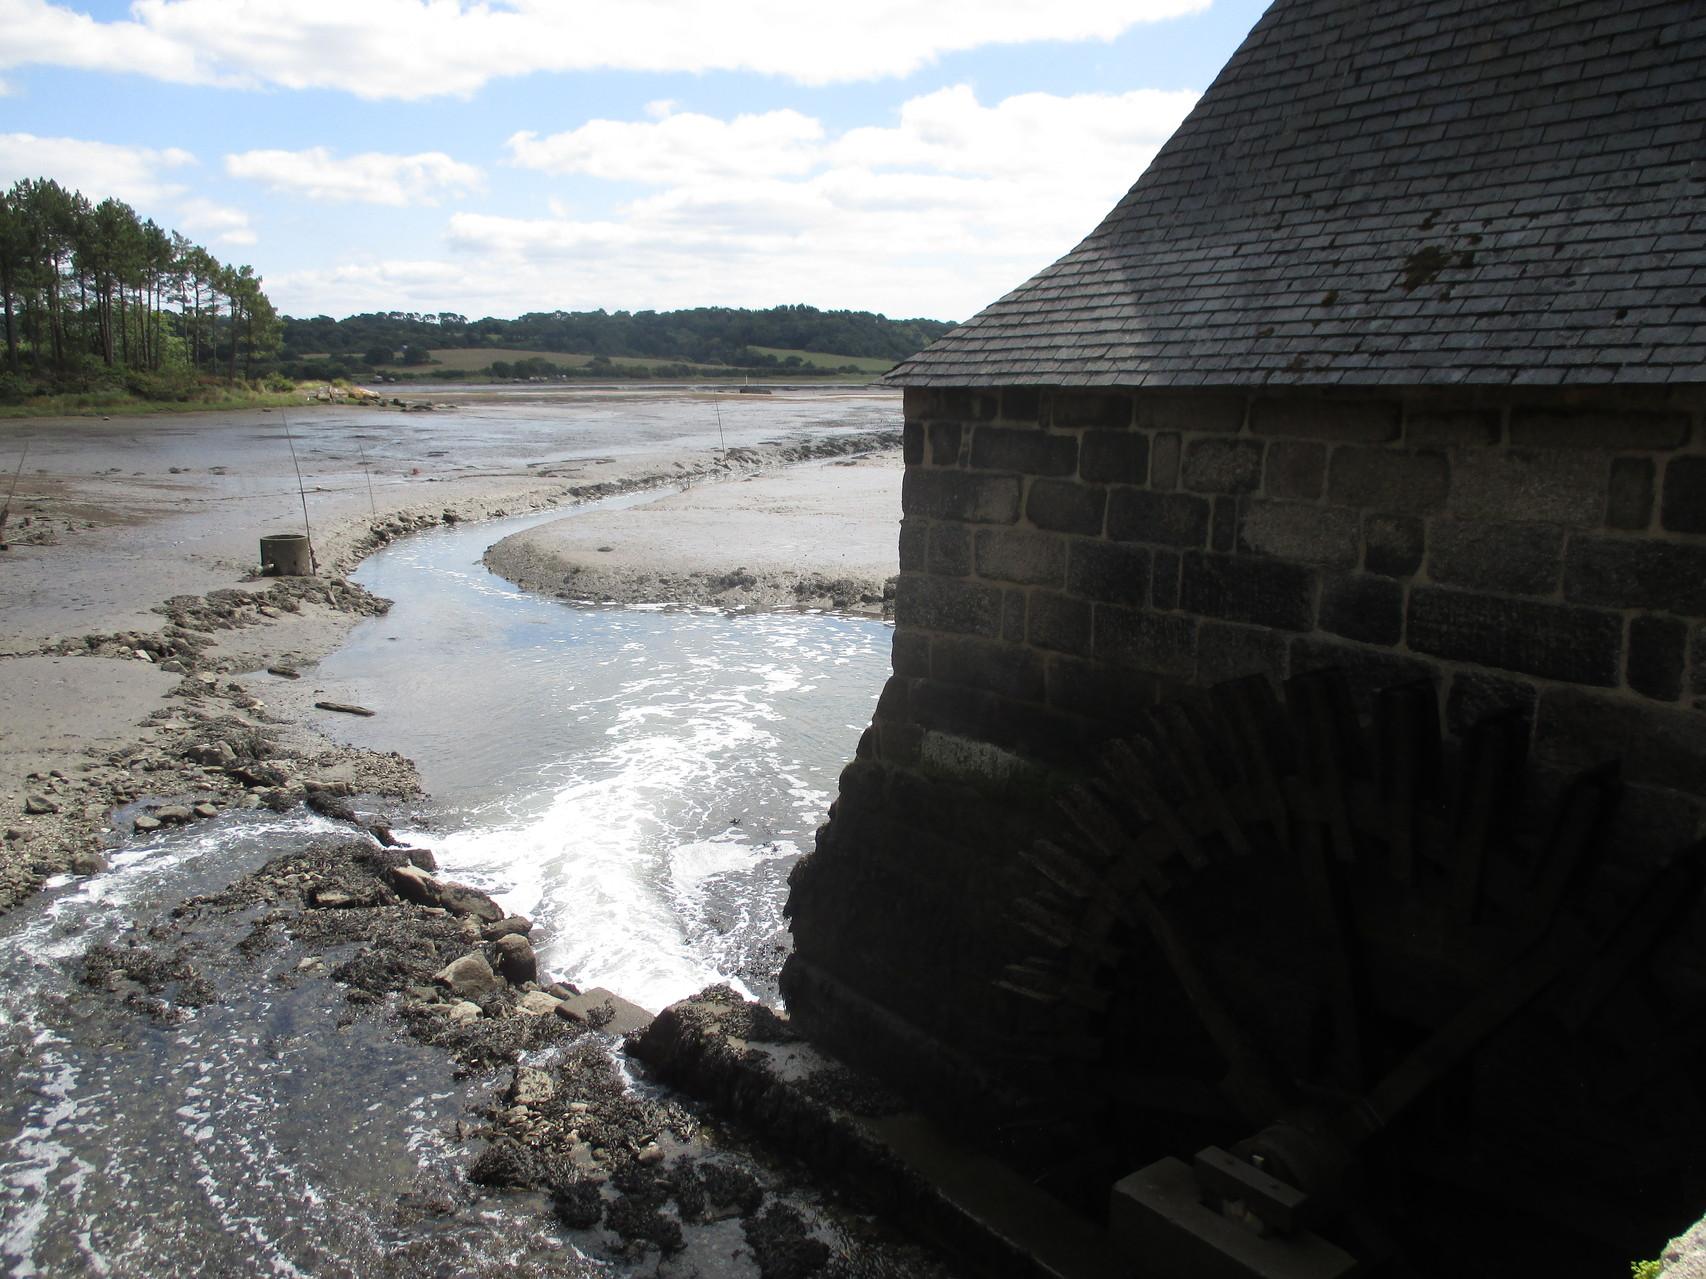 Le Hénan et son moulin à marée